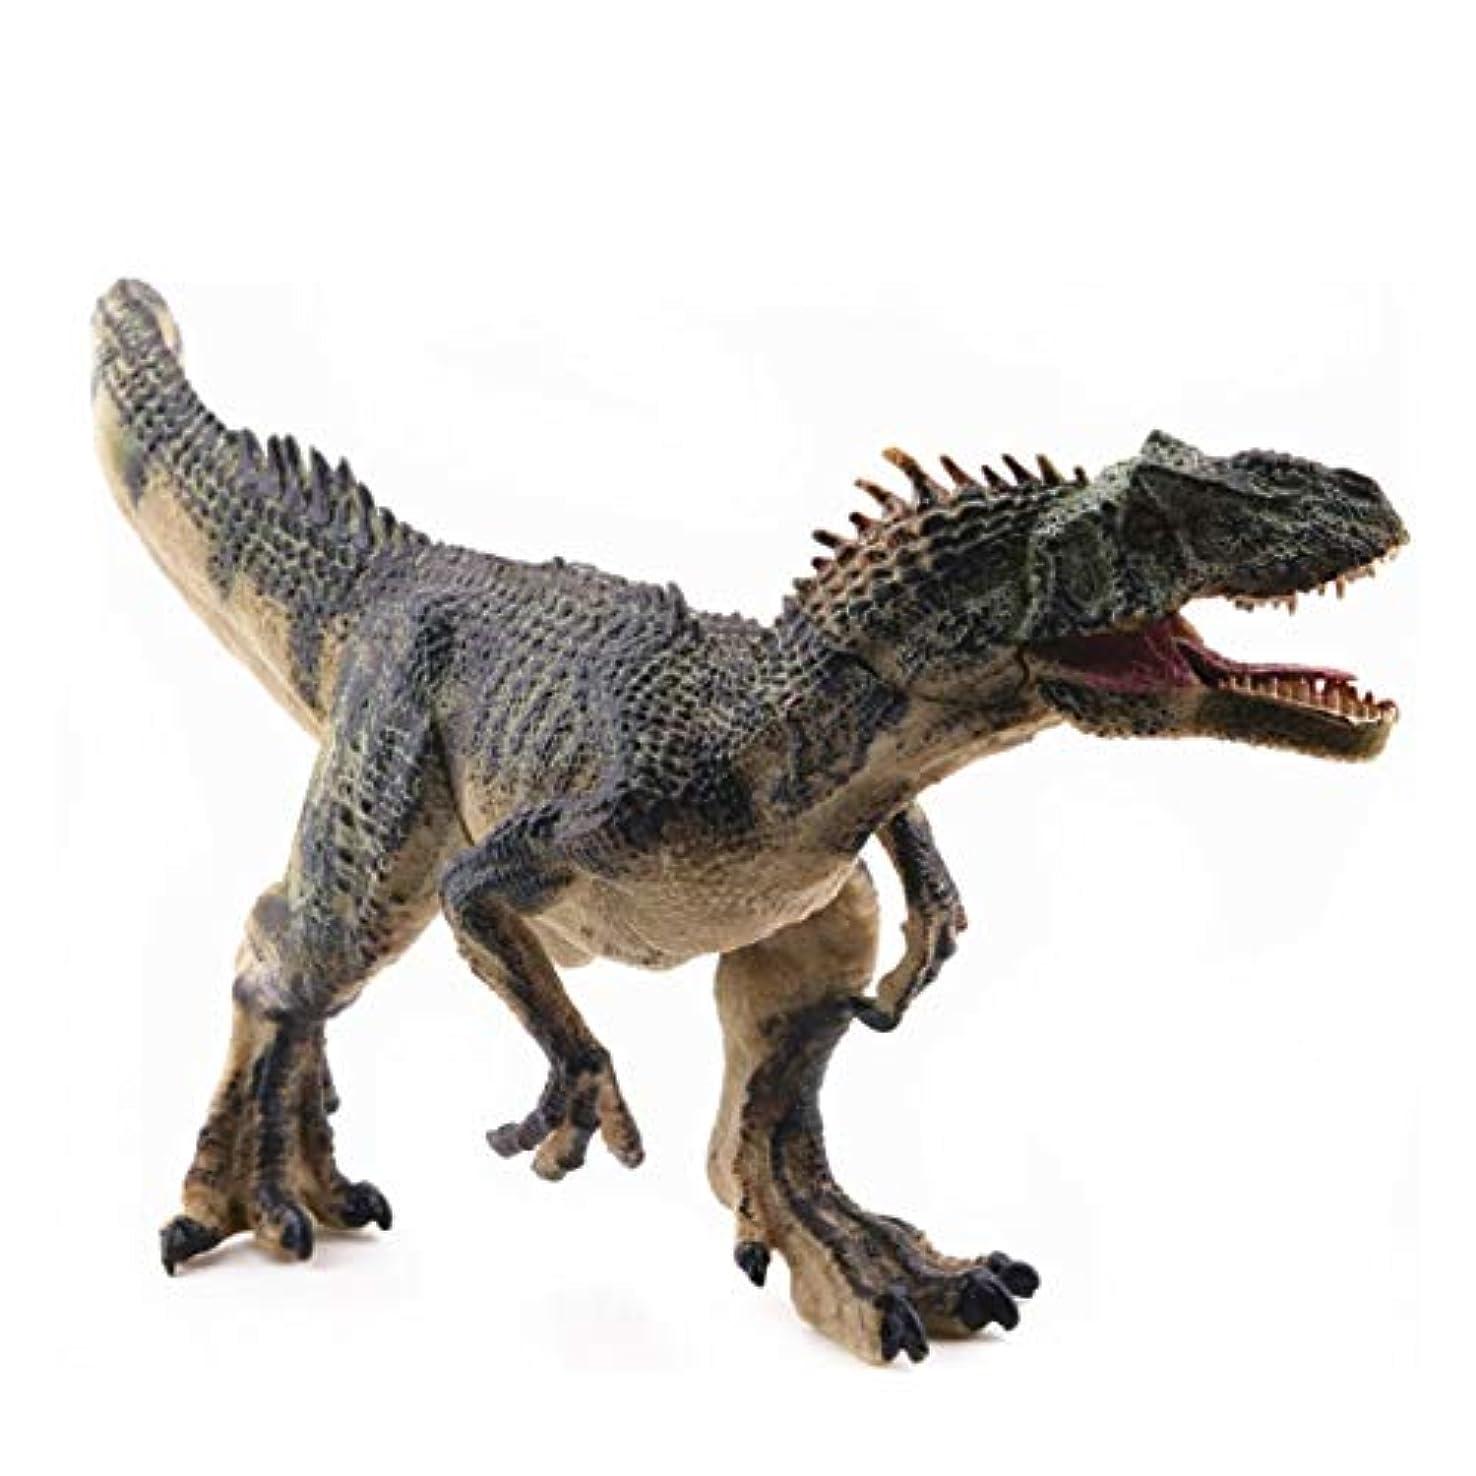 配管平方処理Saikogoods シミュレーションアロサウルスリアルな恐竜の模型玩具置物アクションは 子供のためのホームインテリア教育玩具フィギュア 緑